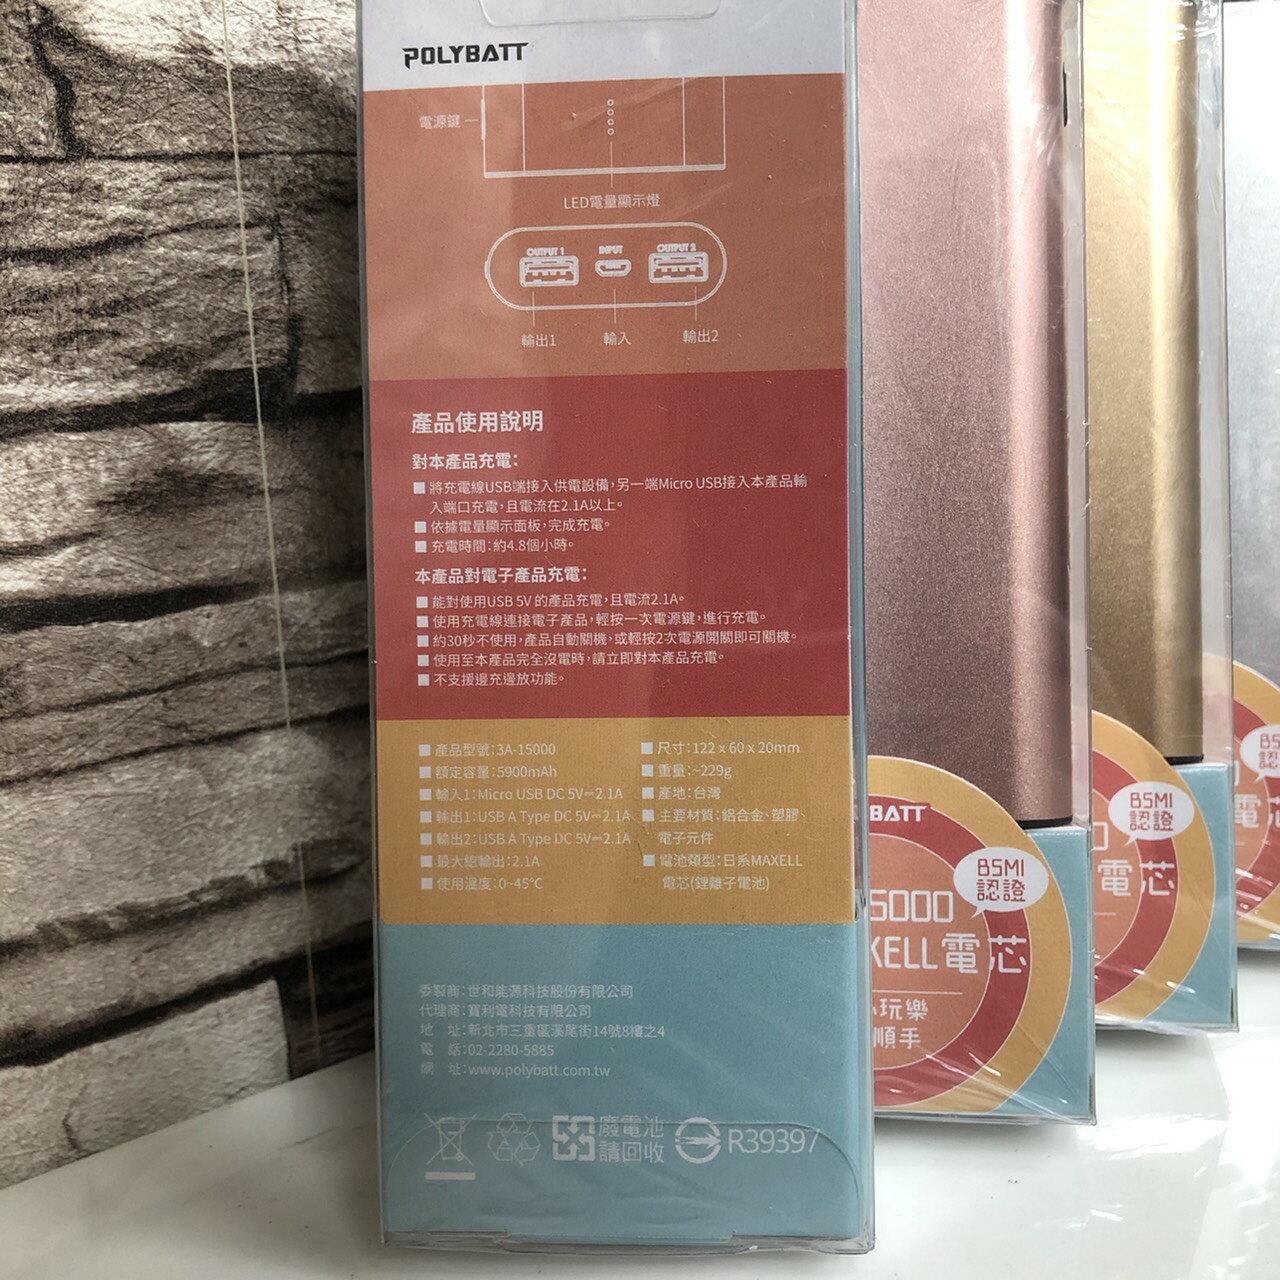 POLYBATT 雙USB行動電源 5V 2.1A 額定容量5900mAh 3A-15000 7